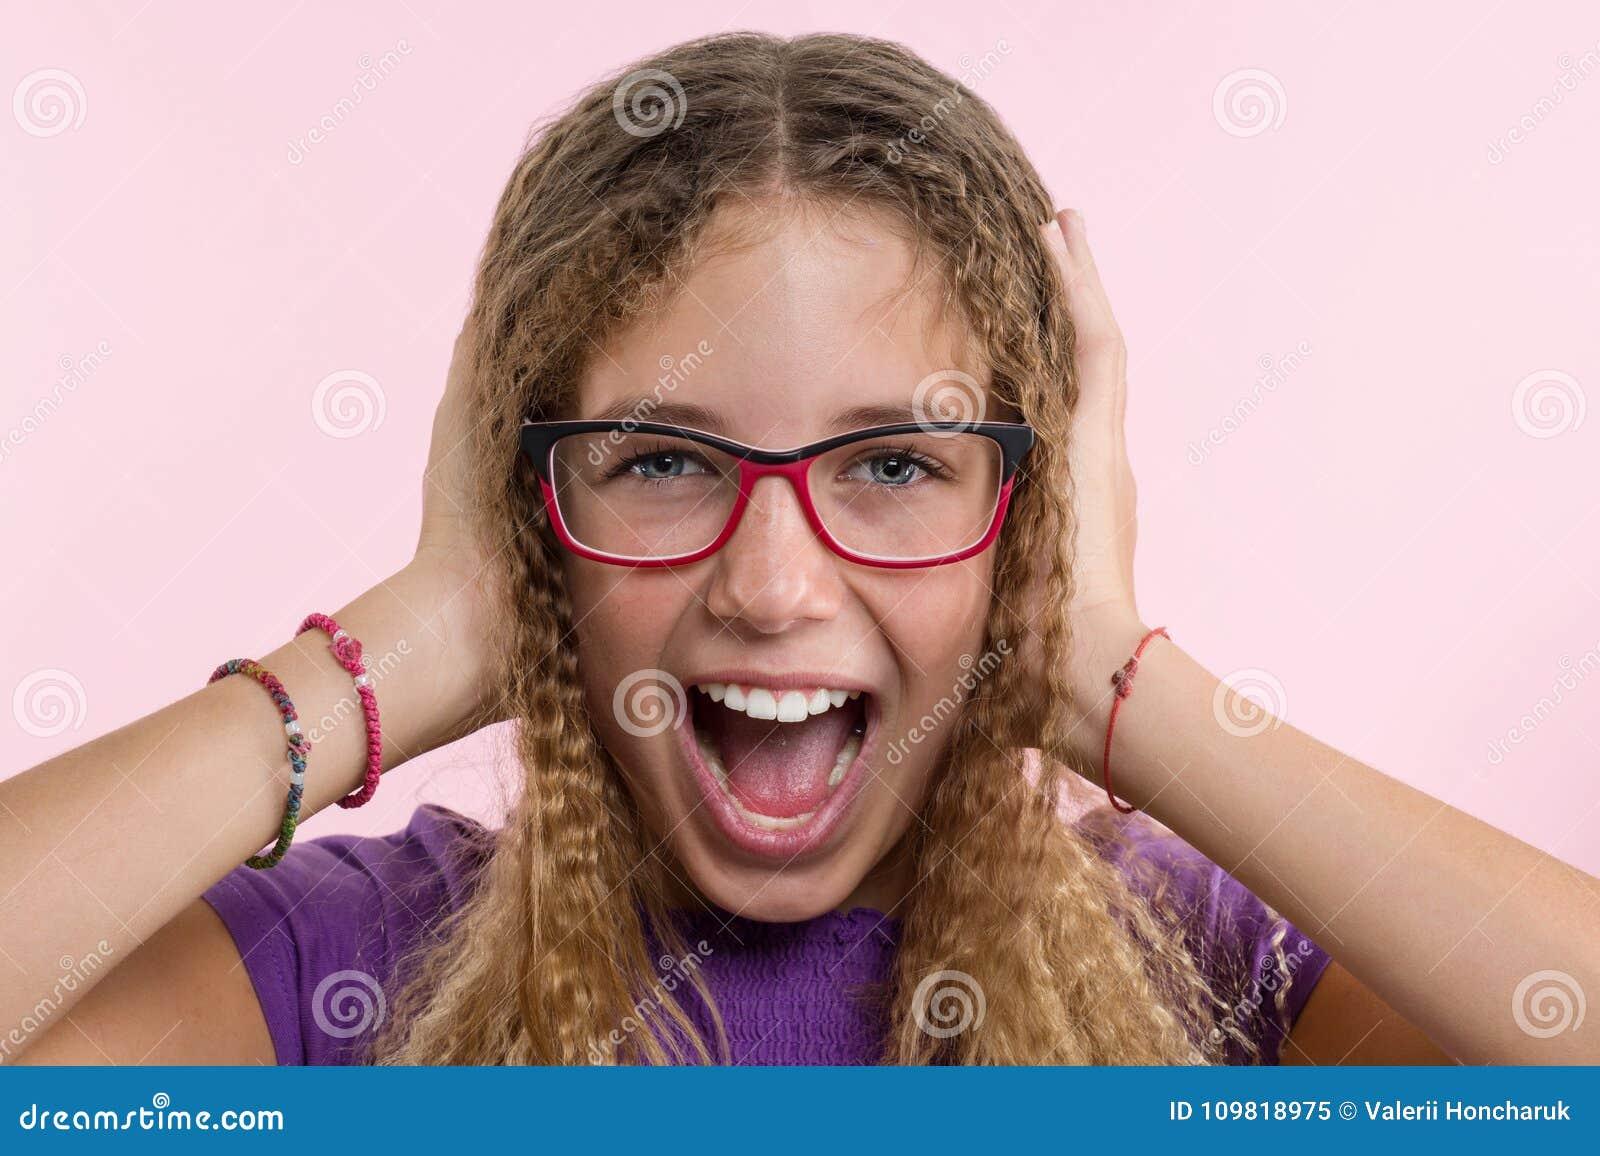 δίνοντας τα κορίτσια κεφάλι δωρεάν μουνί πορνό κόμβο